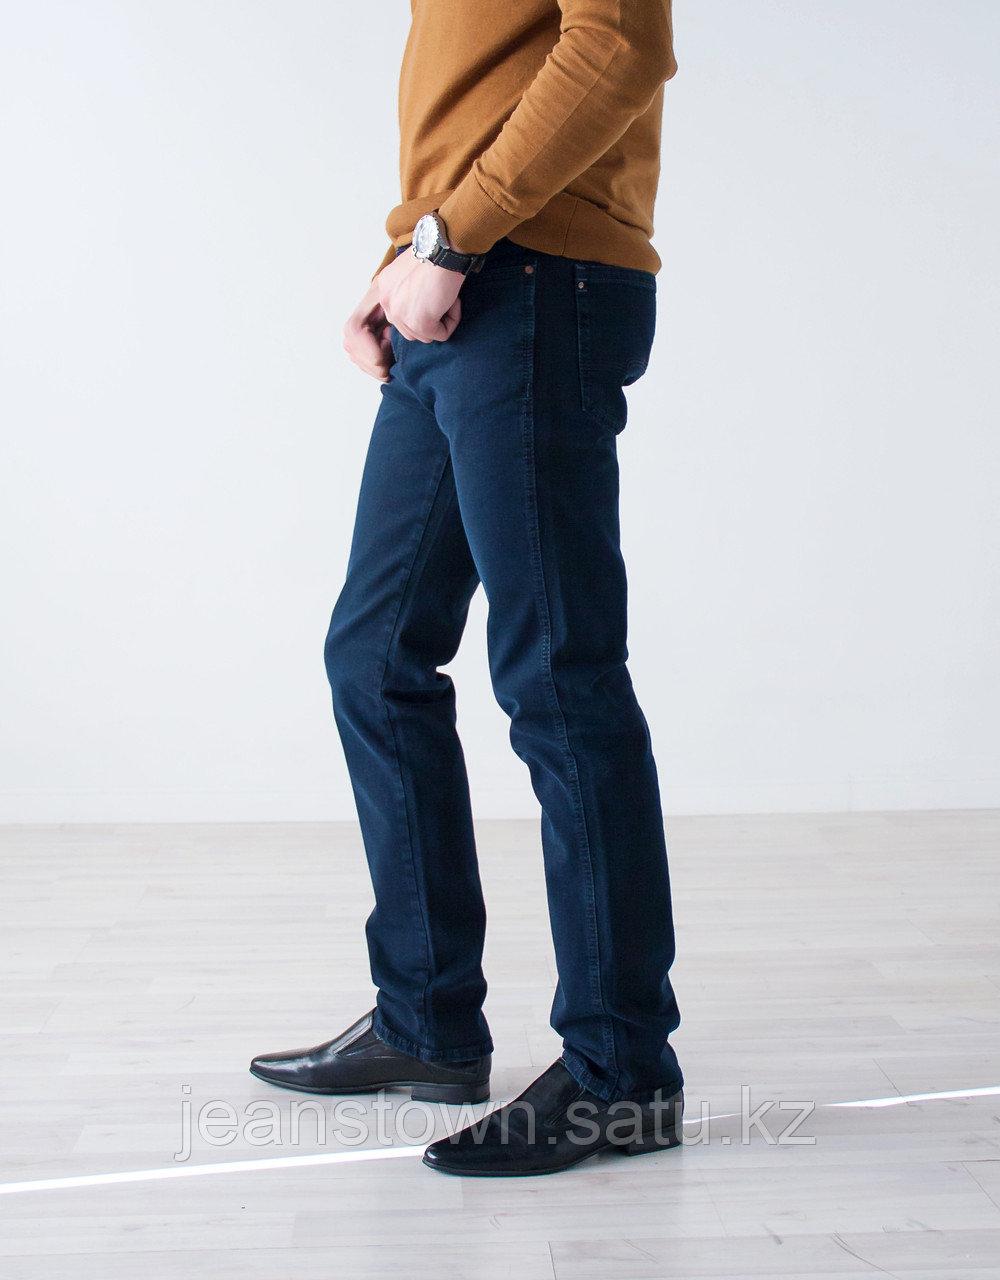 Джинсы мужские Marco Vincini - фото 3